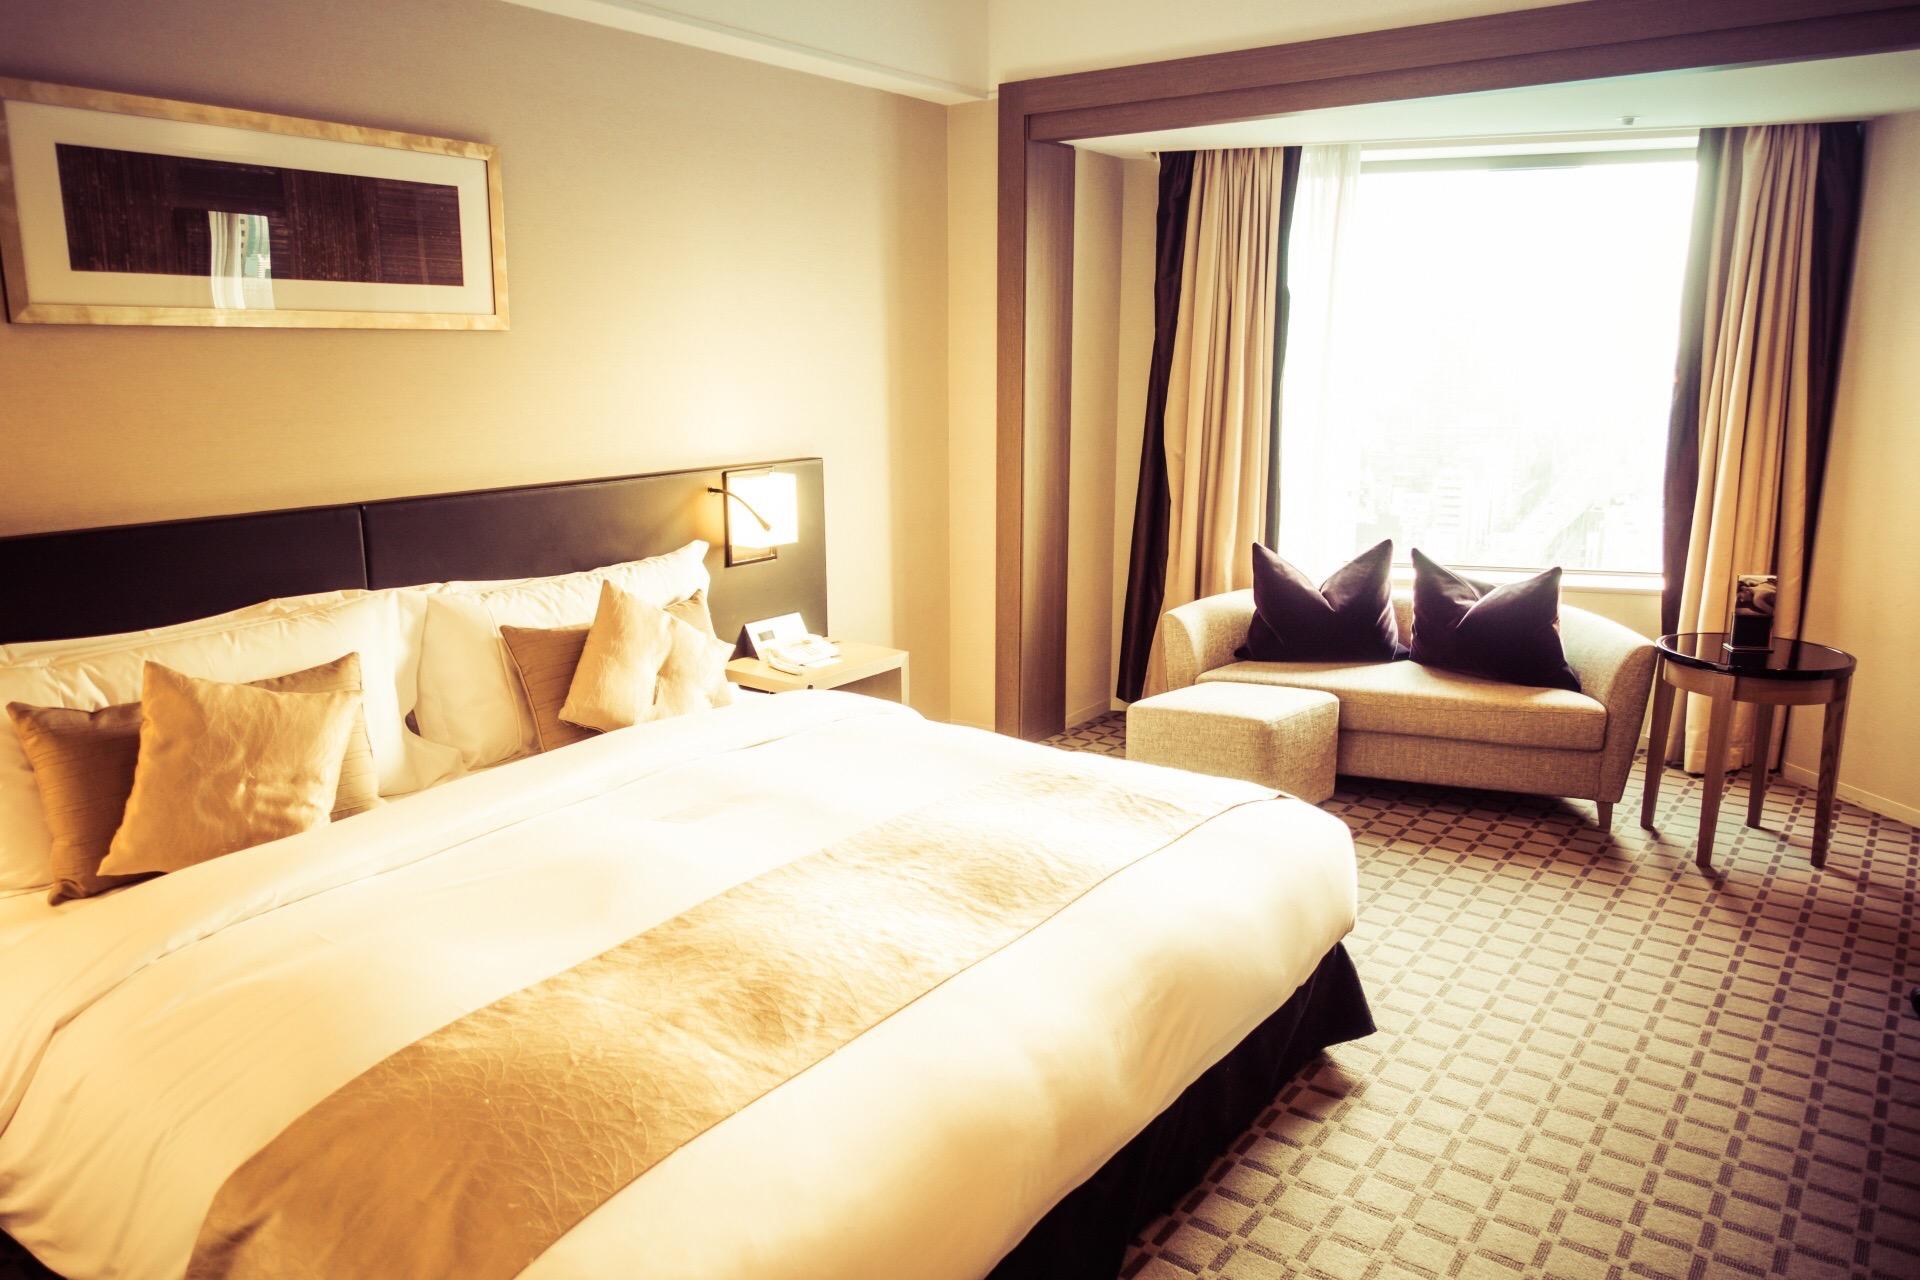 家族旅行に最適な海外ホテル予約方法|【ポイント6つ】